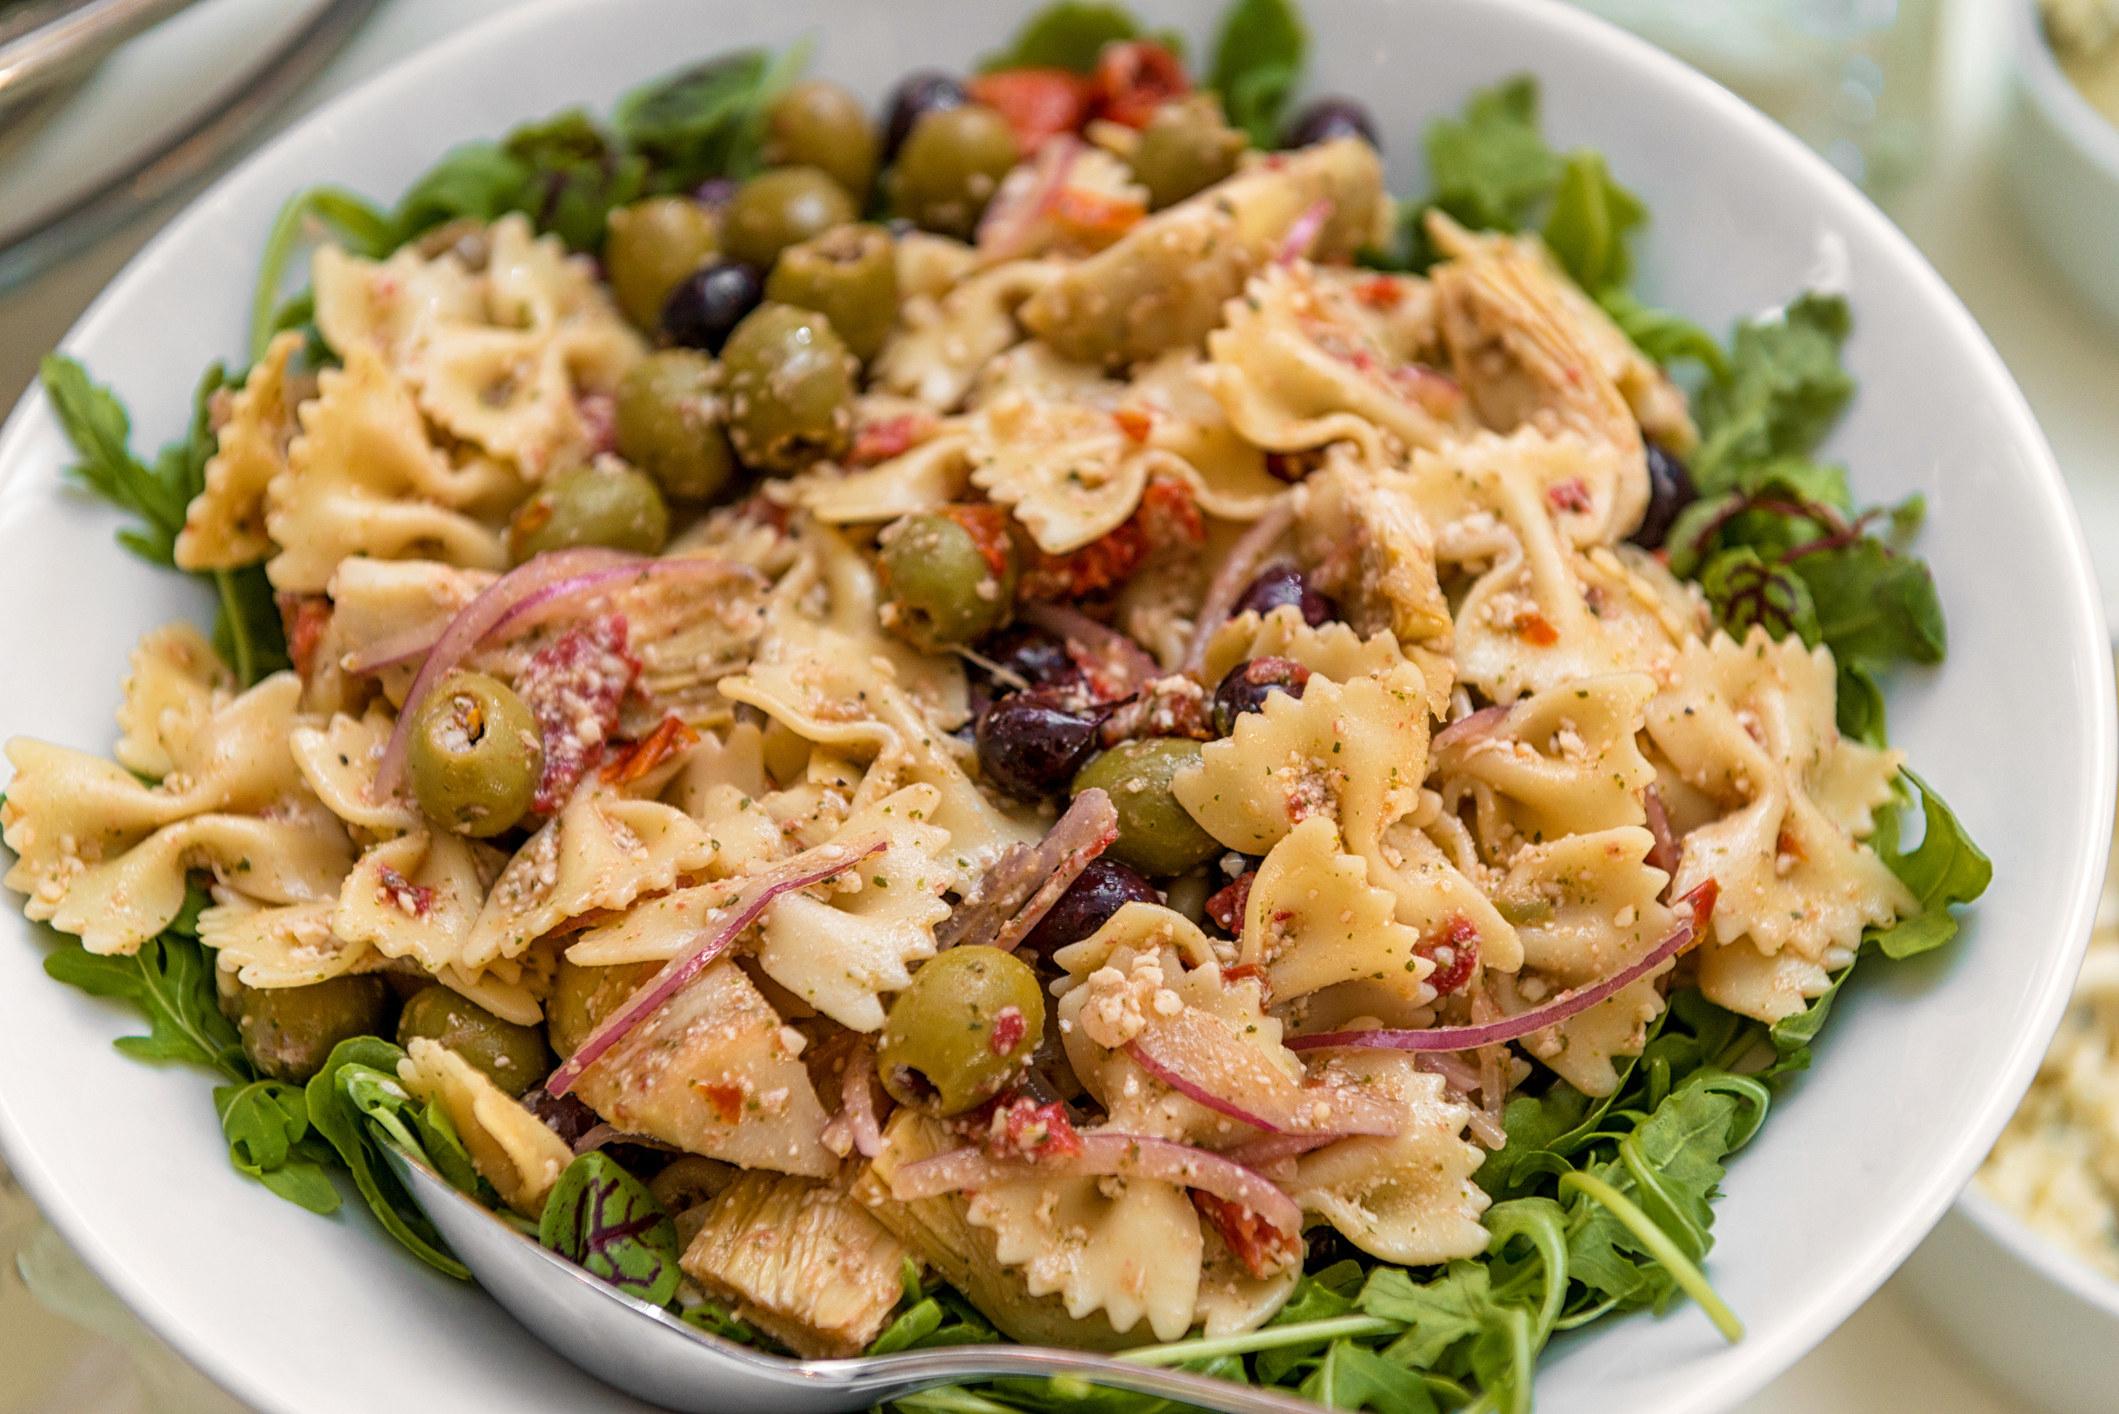 A big bowl of Italian pasta salad.